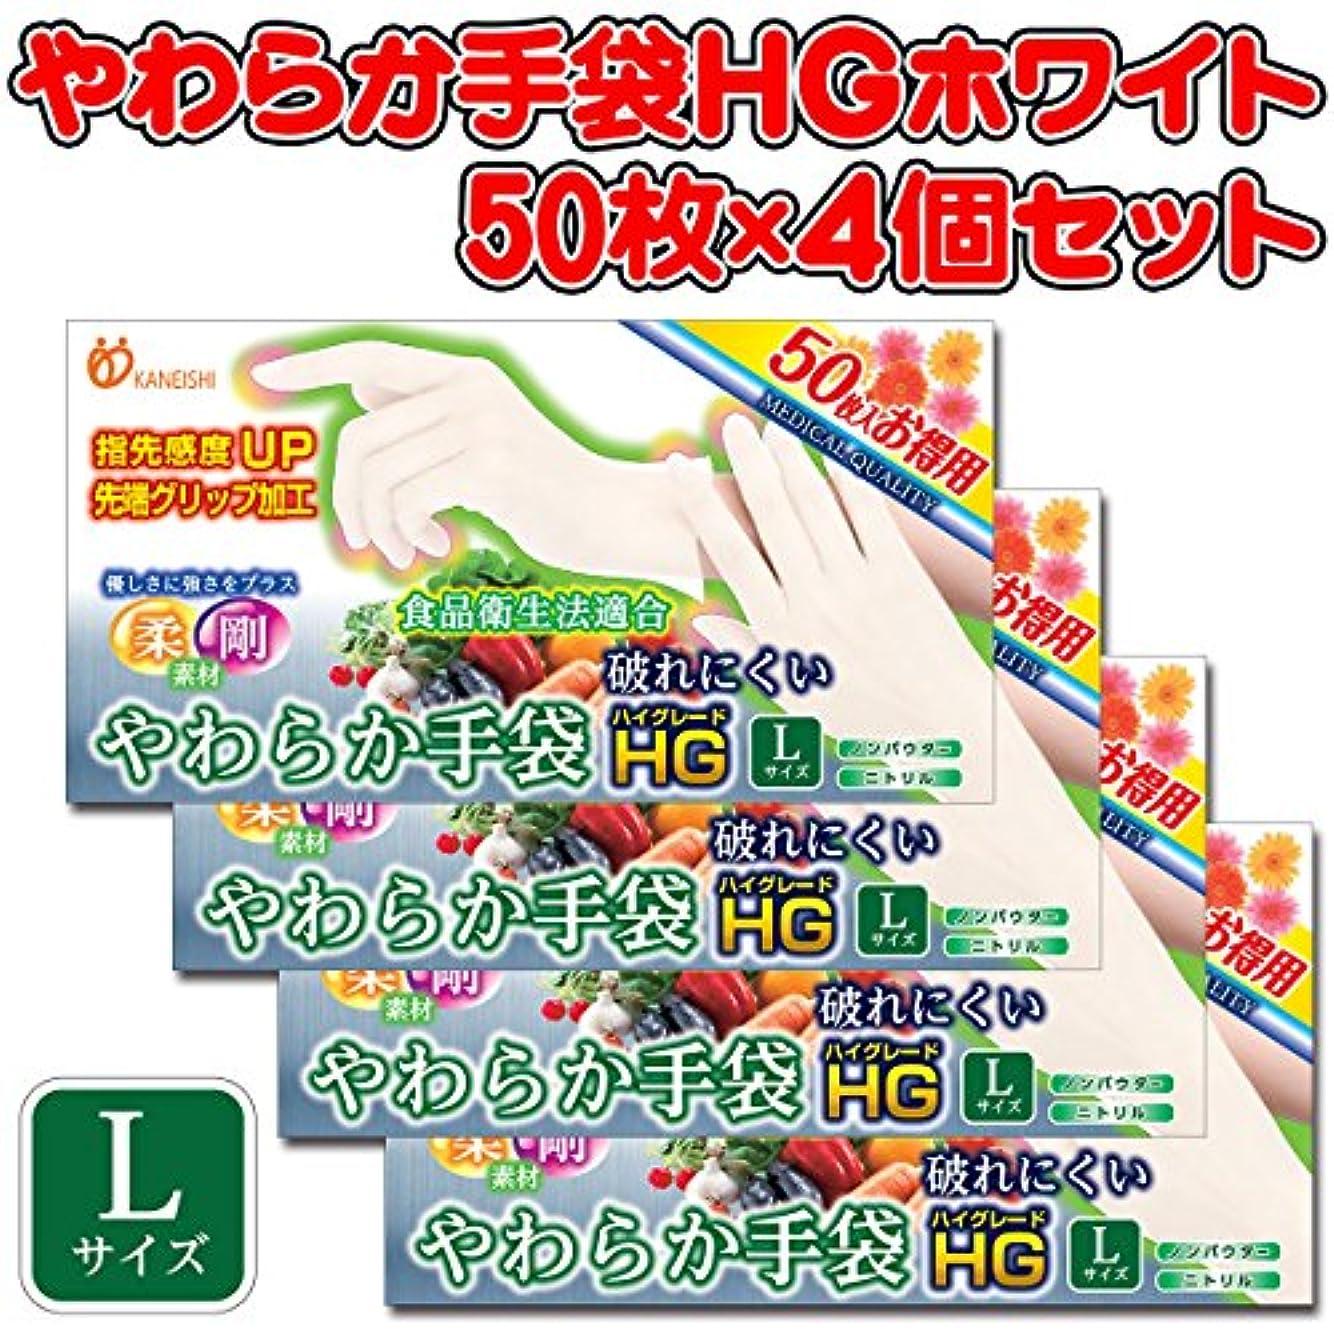 マトンブルジャニスやわらか手袋HG 二トリル手袋 パウダーフリー Lサイズ 50枚×4個セット×5個セット(管理番号 4956525001205)